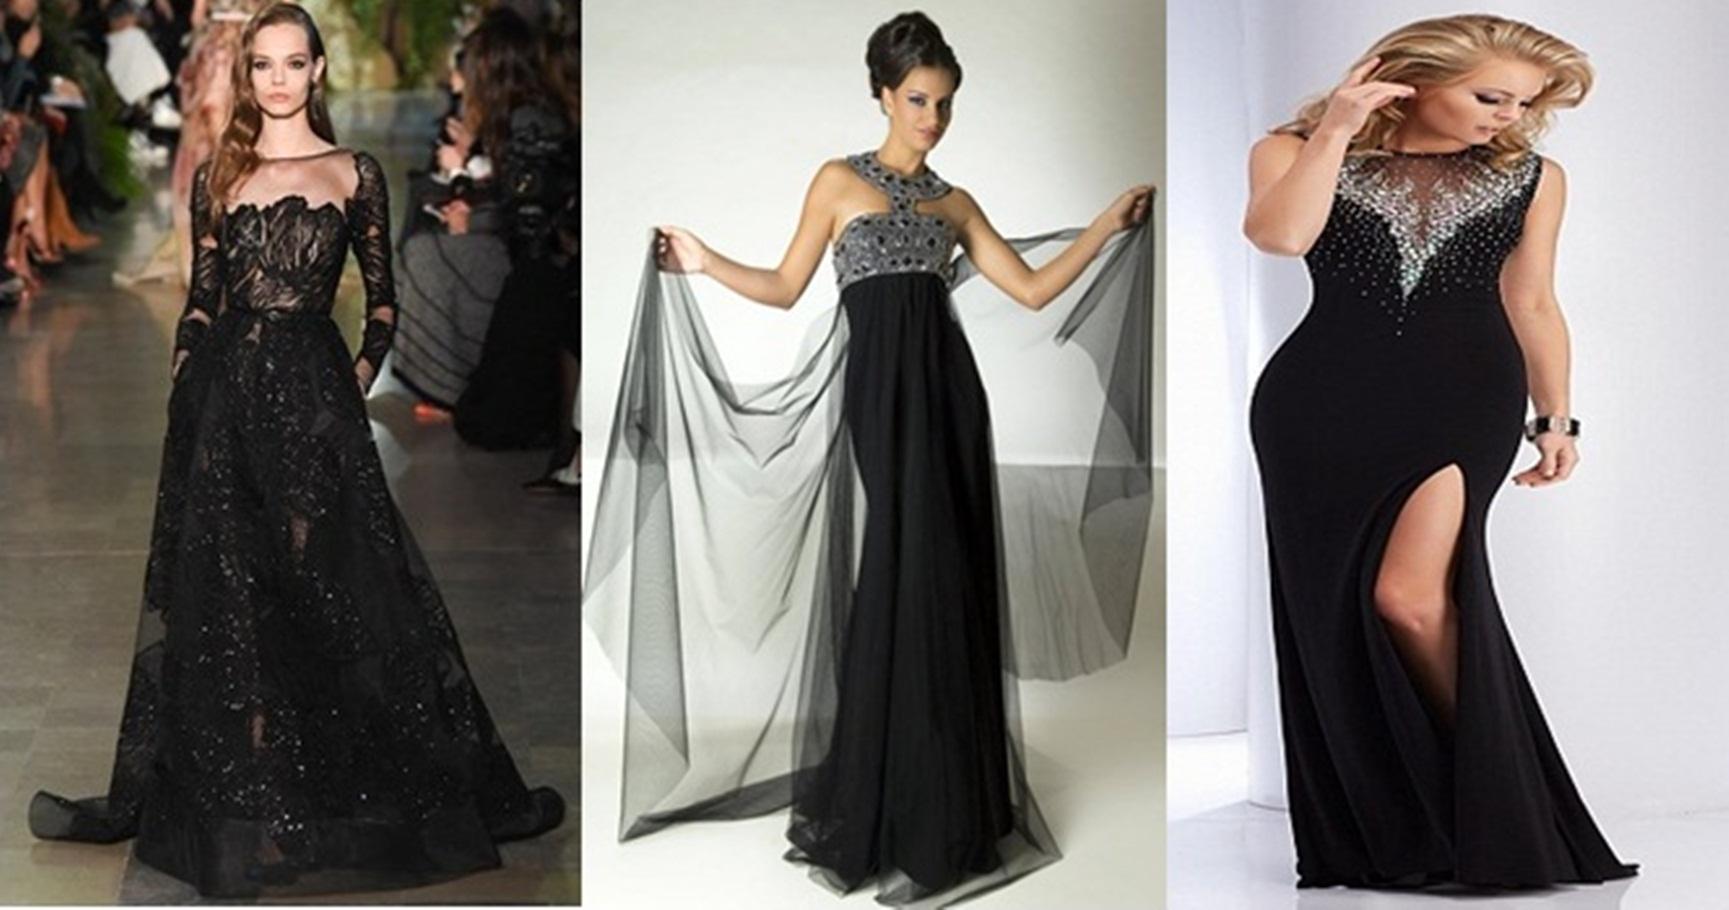 8a12292ed تألقي بجاذبية الملكات مع فستان السهرة بأناقة و سحر اللون الأسود أنوثة لا  تنتهي